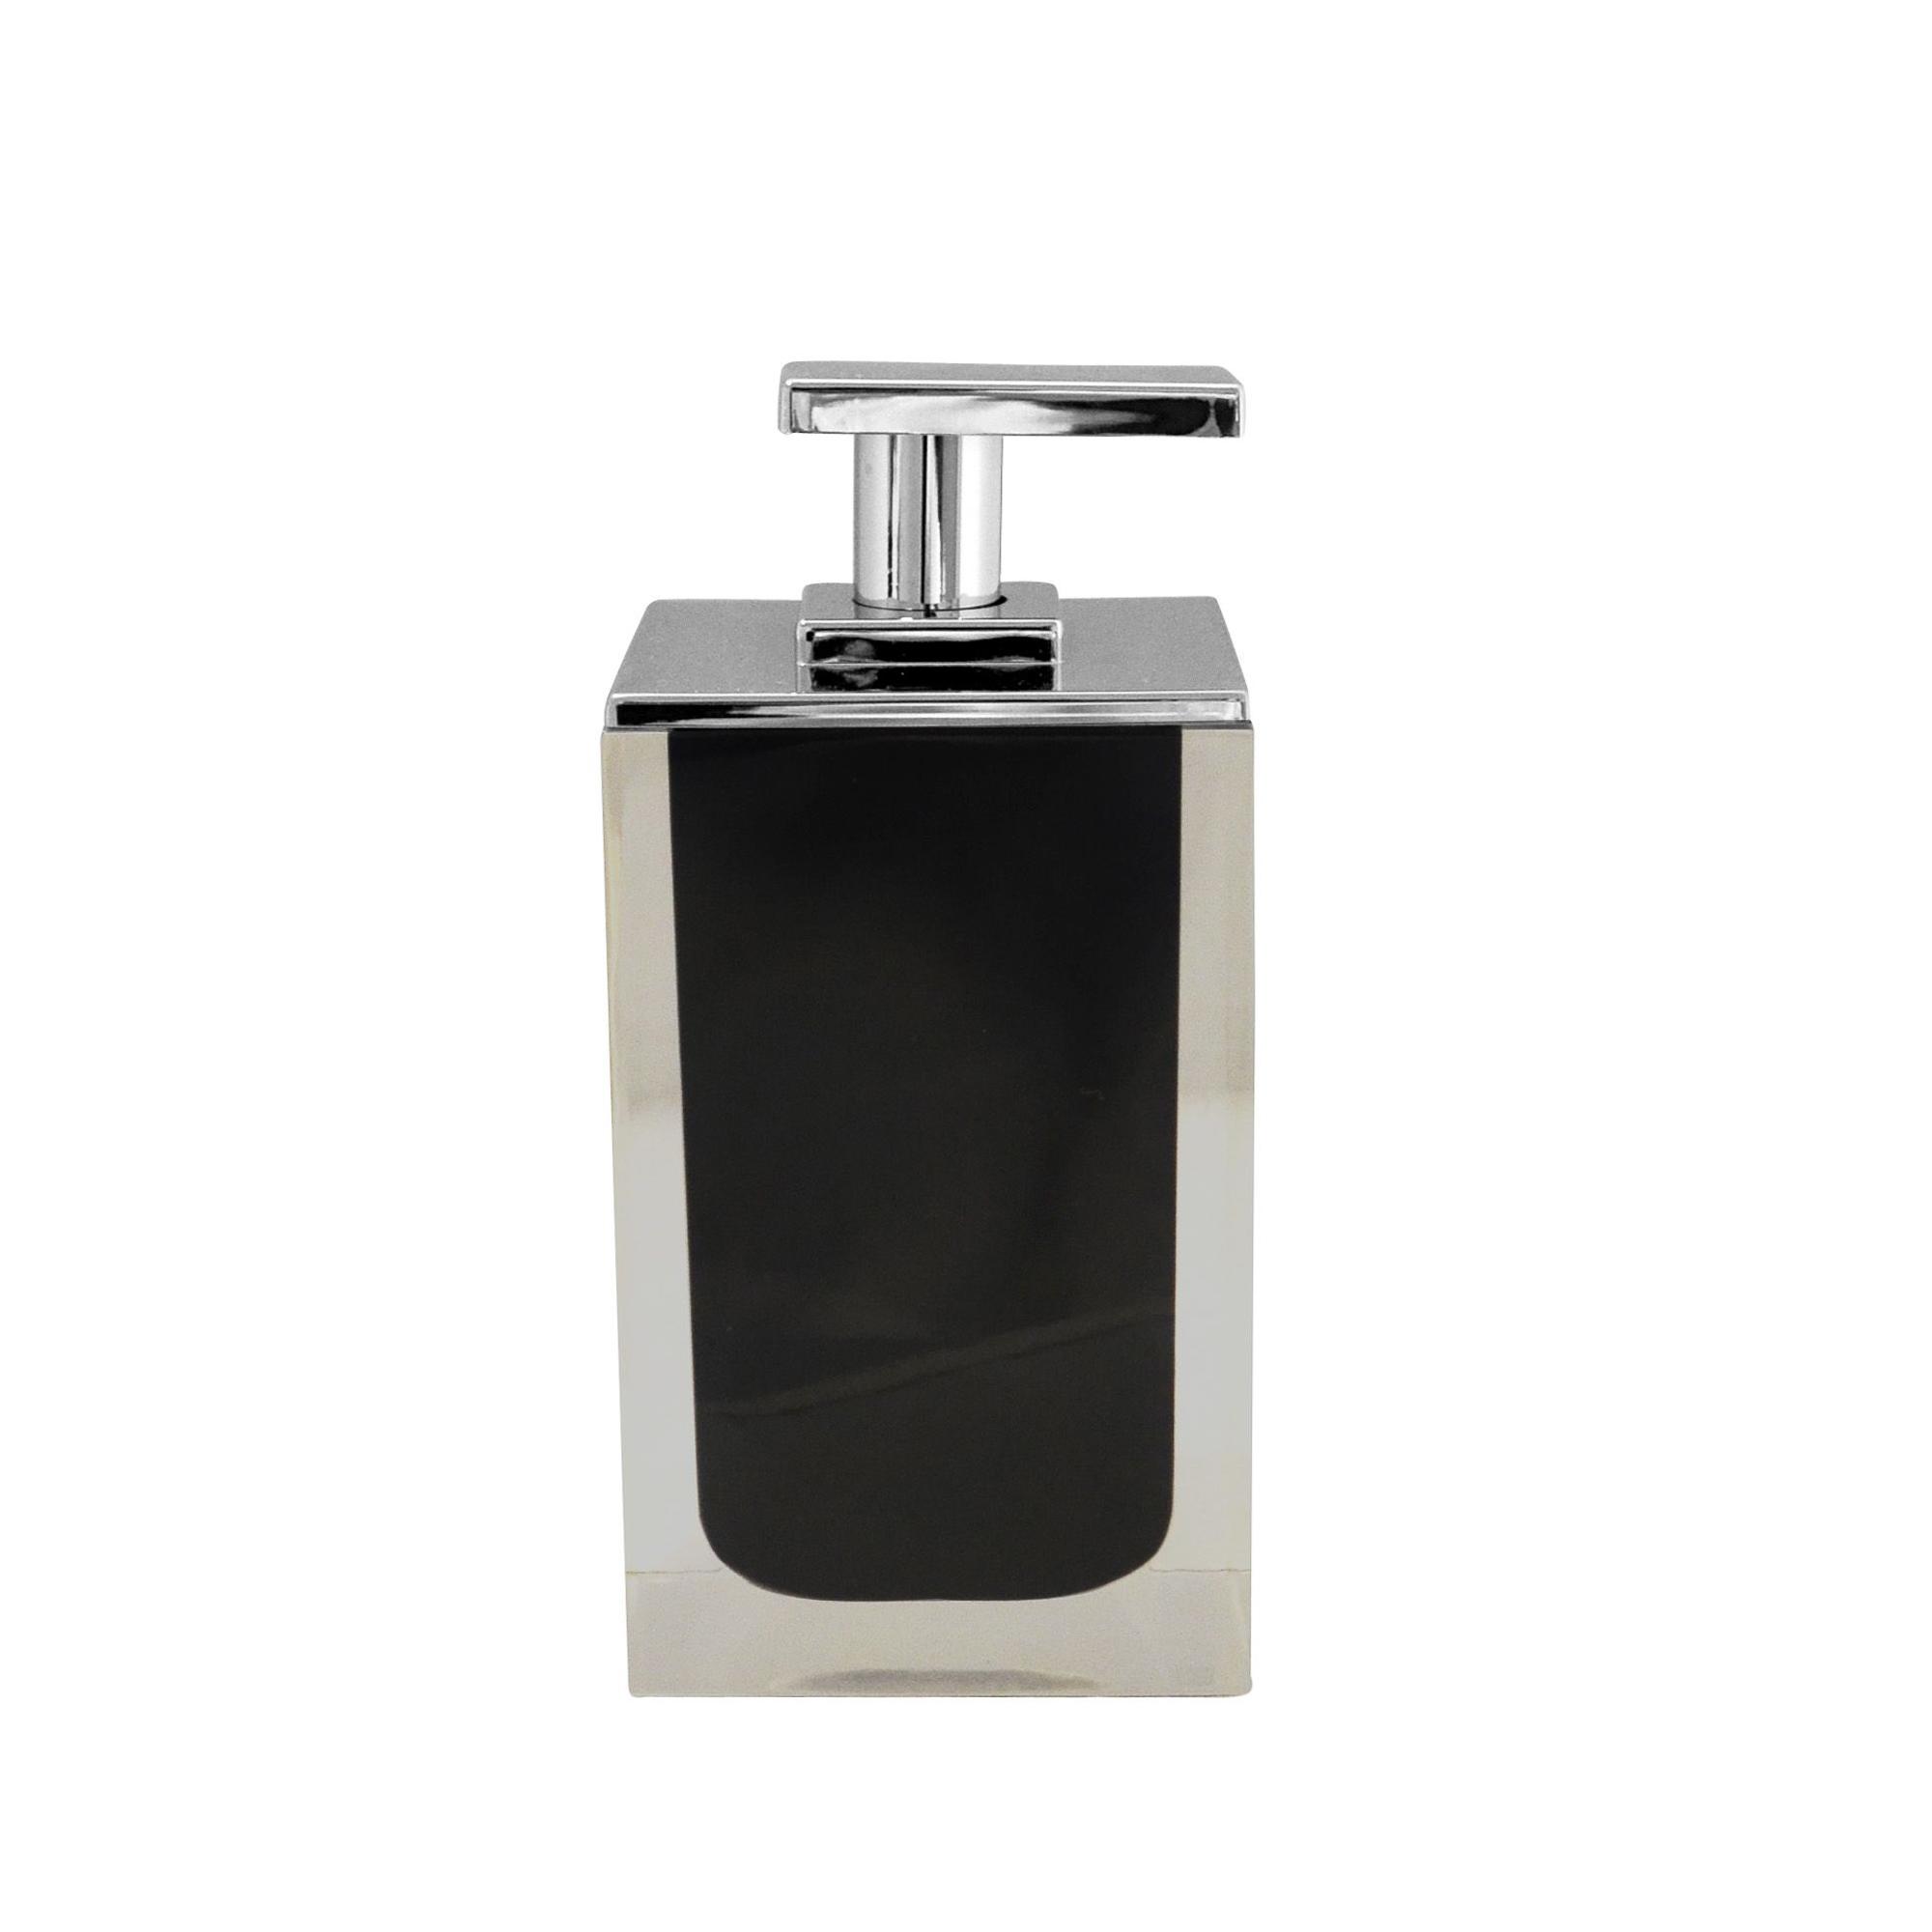 Фото - Дозатор для жидкого мыла Colours черный Ridder дозатор для жидкого мыла ridder paris 22250510 черный